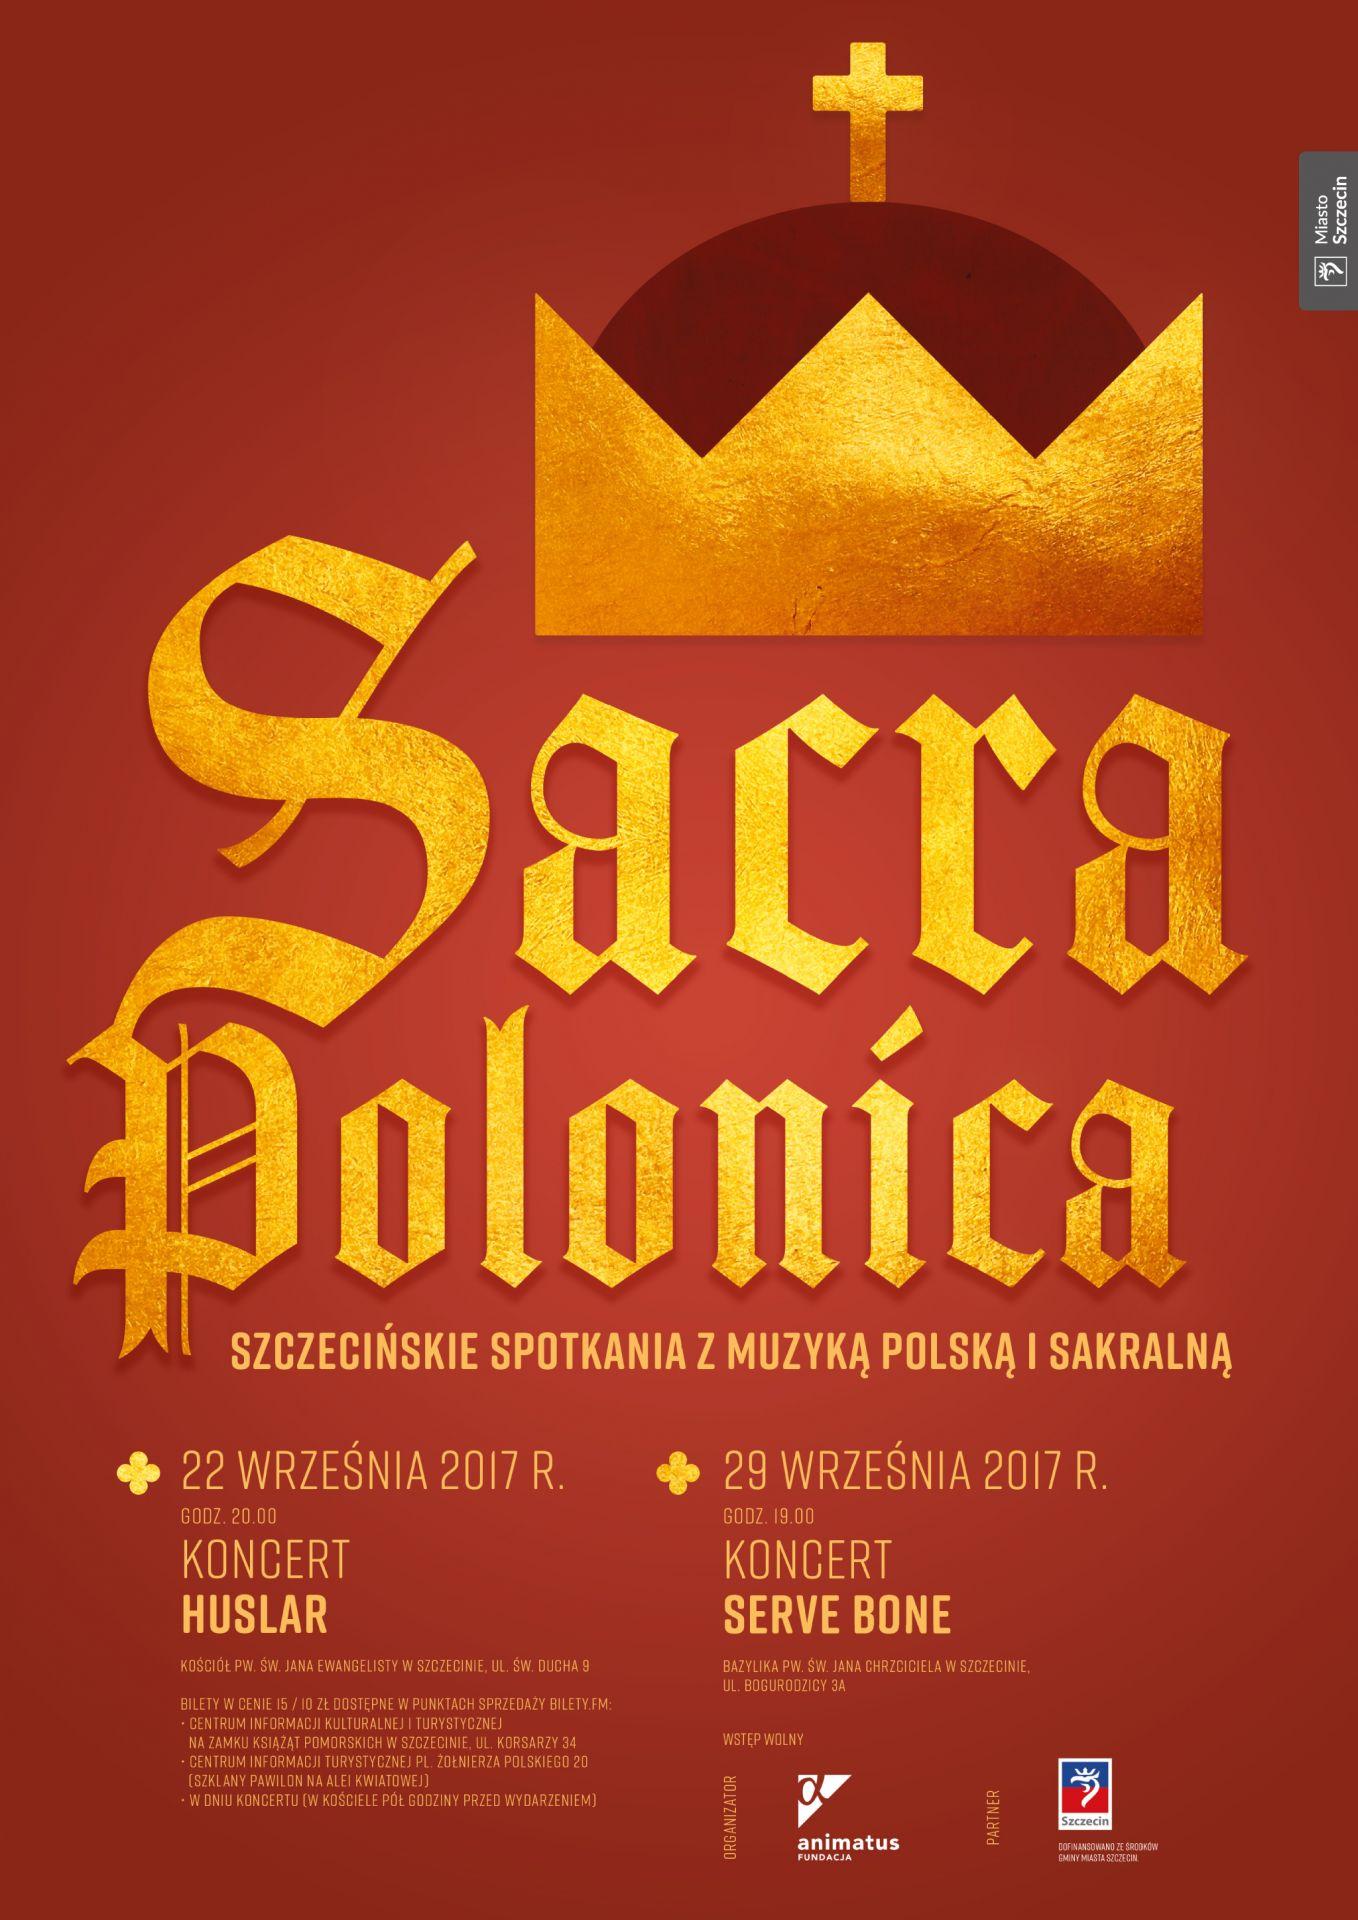 Szczecińskie Spotkania z Muzyką Polską i Sakralną – SERVE BONE